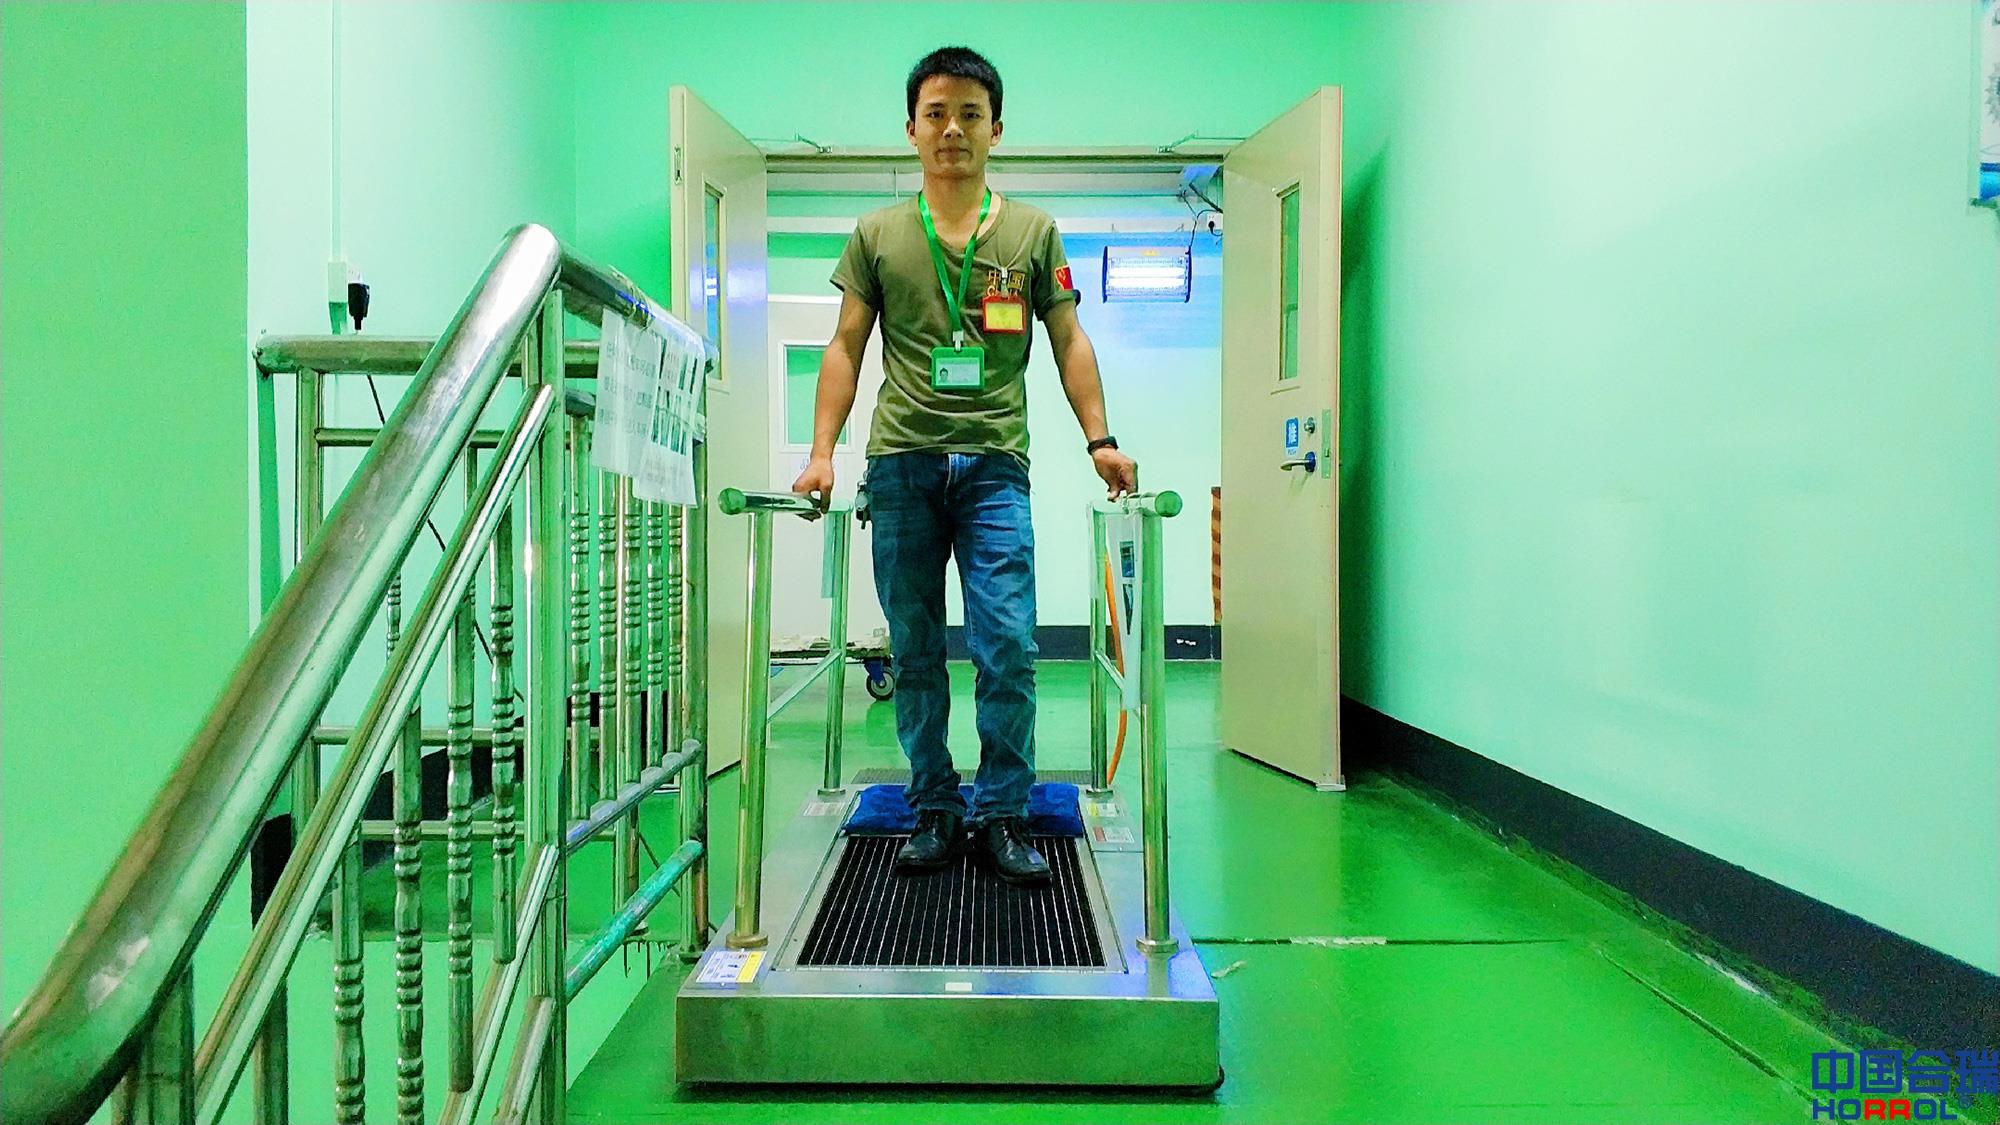 中国合瑞鞋底清洁机鞋底清洗机厂家-1